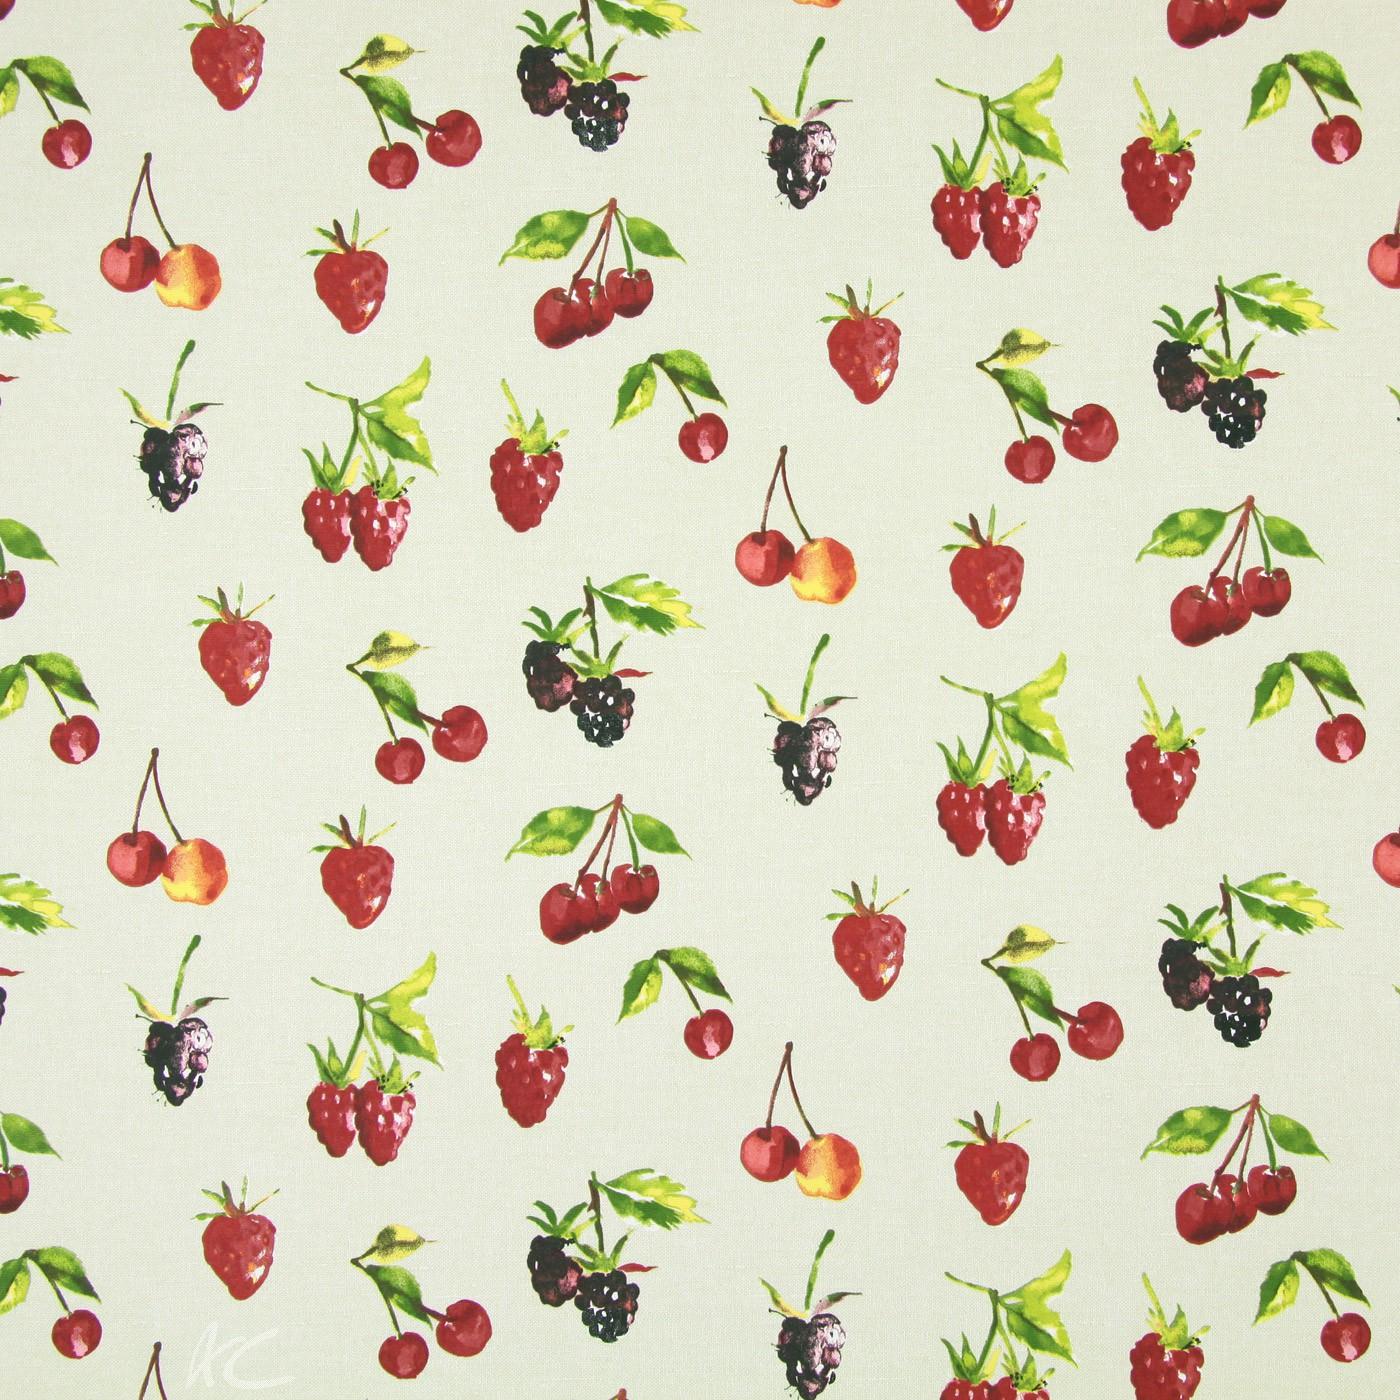 Country Fair Summer Berries Linen Roman Blind